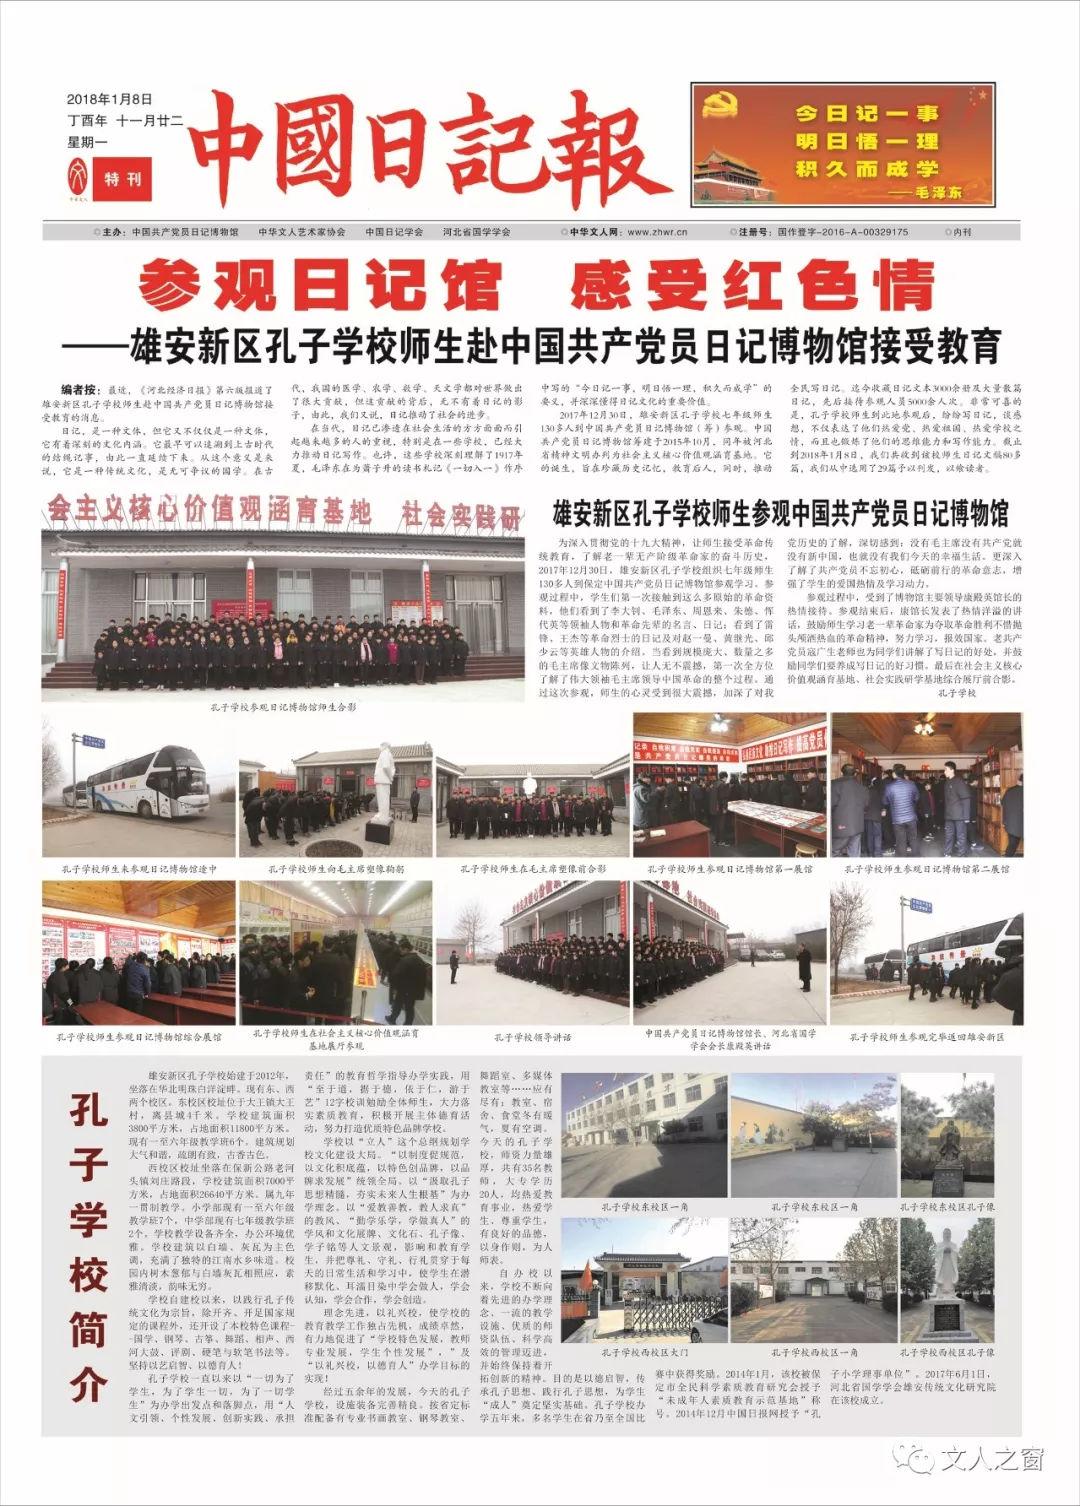 雄安新区孔子学校师生赴中国共产党员日记博物馆接受教育